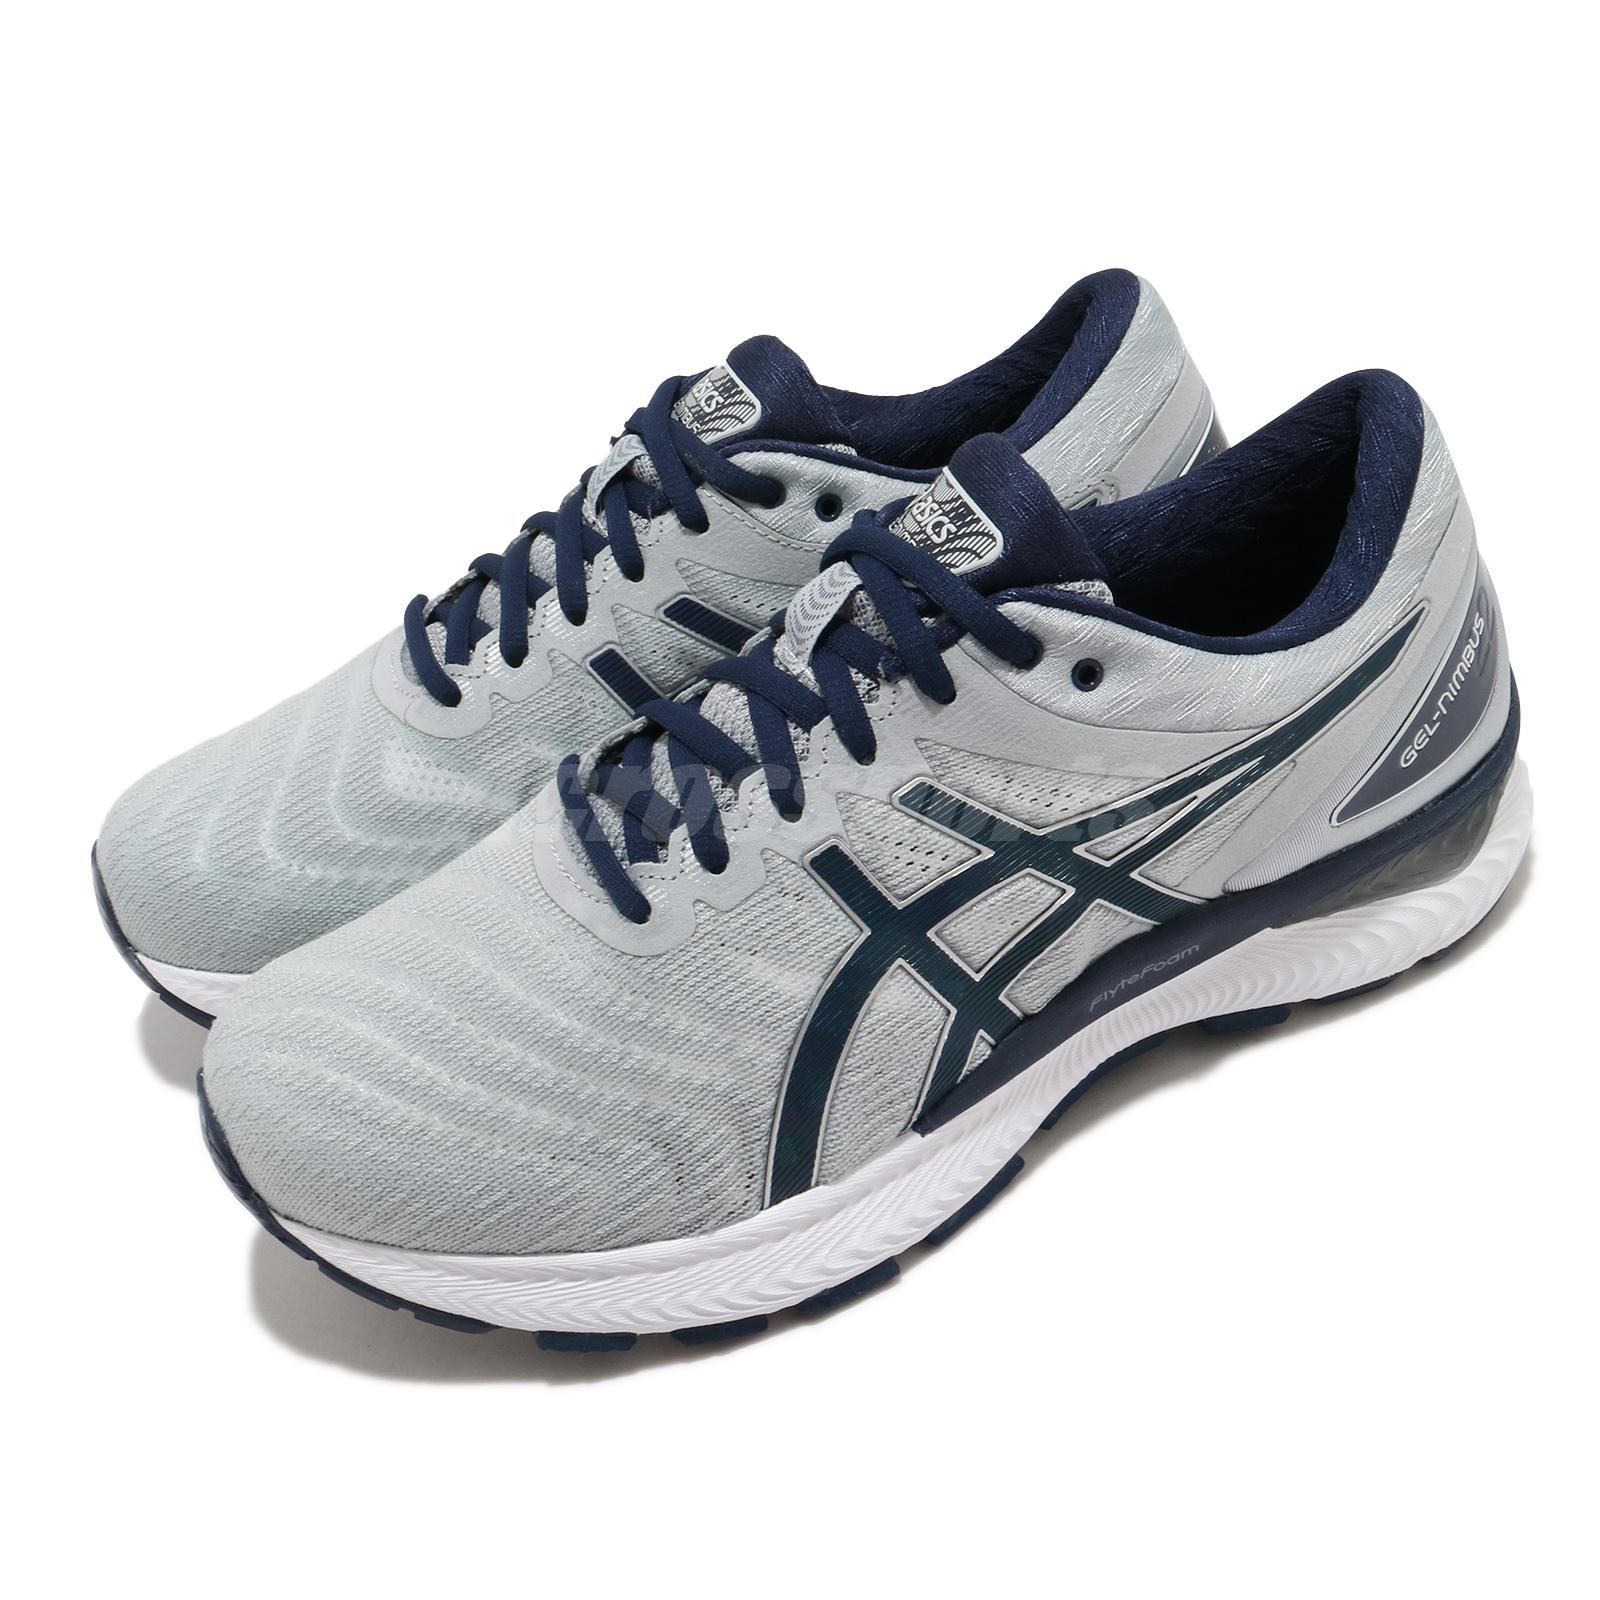 libro de bolsillo Inválido El cuarto  Asics Gel-Nimbus 22 4E Extra Wide Grey Navy White Men Running Shoes  1011A682-025 | eBay